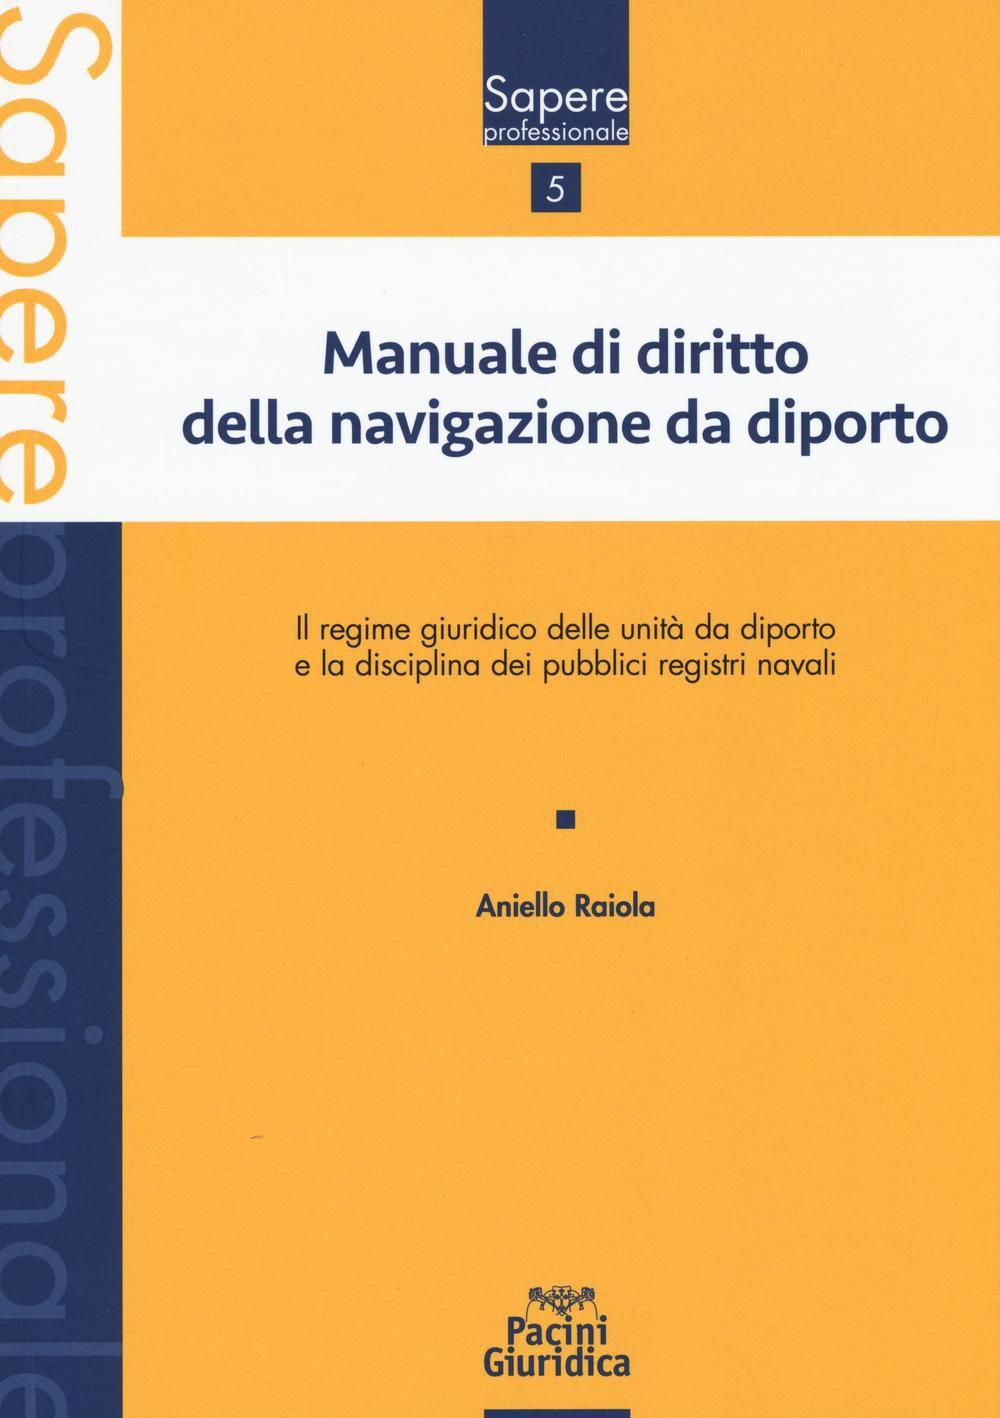 Manuale di diritto della navigazione da diporto: il regime giuridico delle unità da diporto e la disciplina dei pubblici registri navali. Aniello Raiola